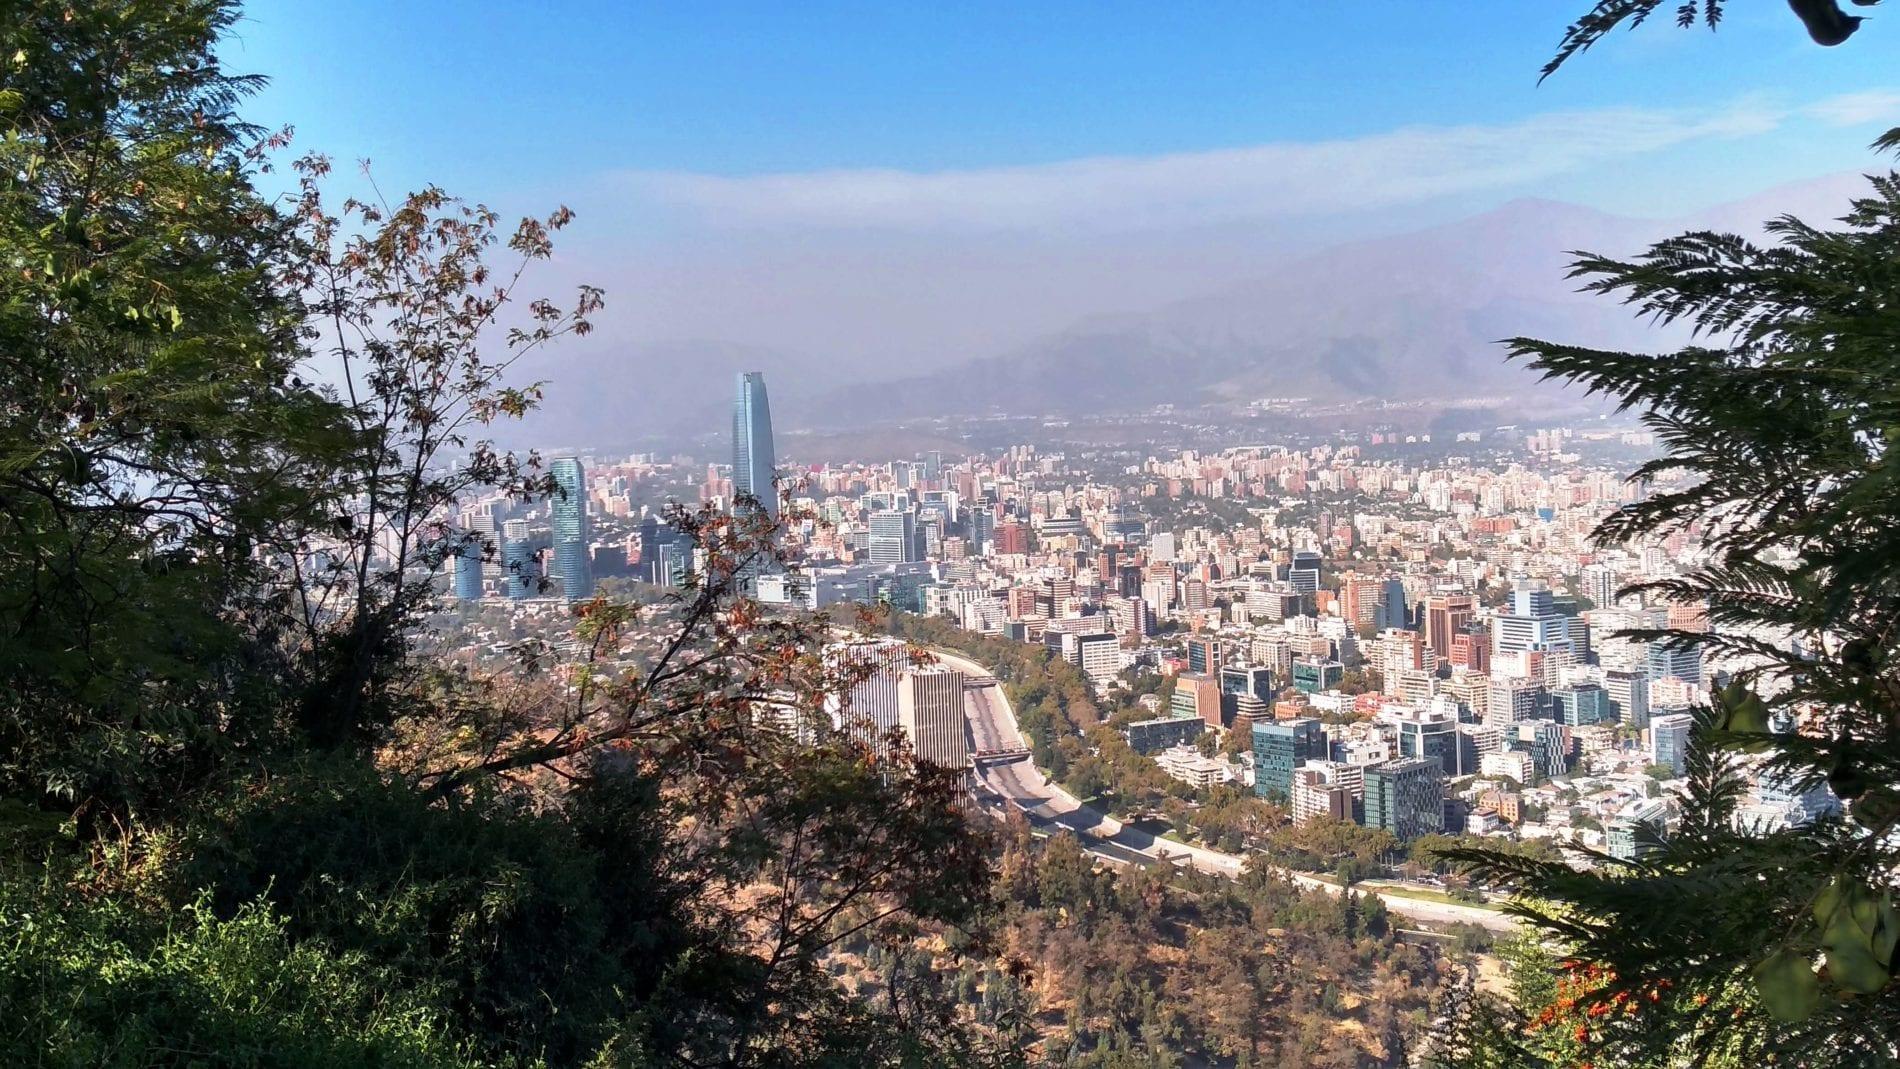 mirador cerro san cristobal, likechile